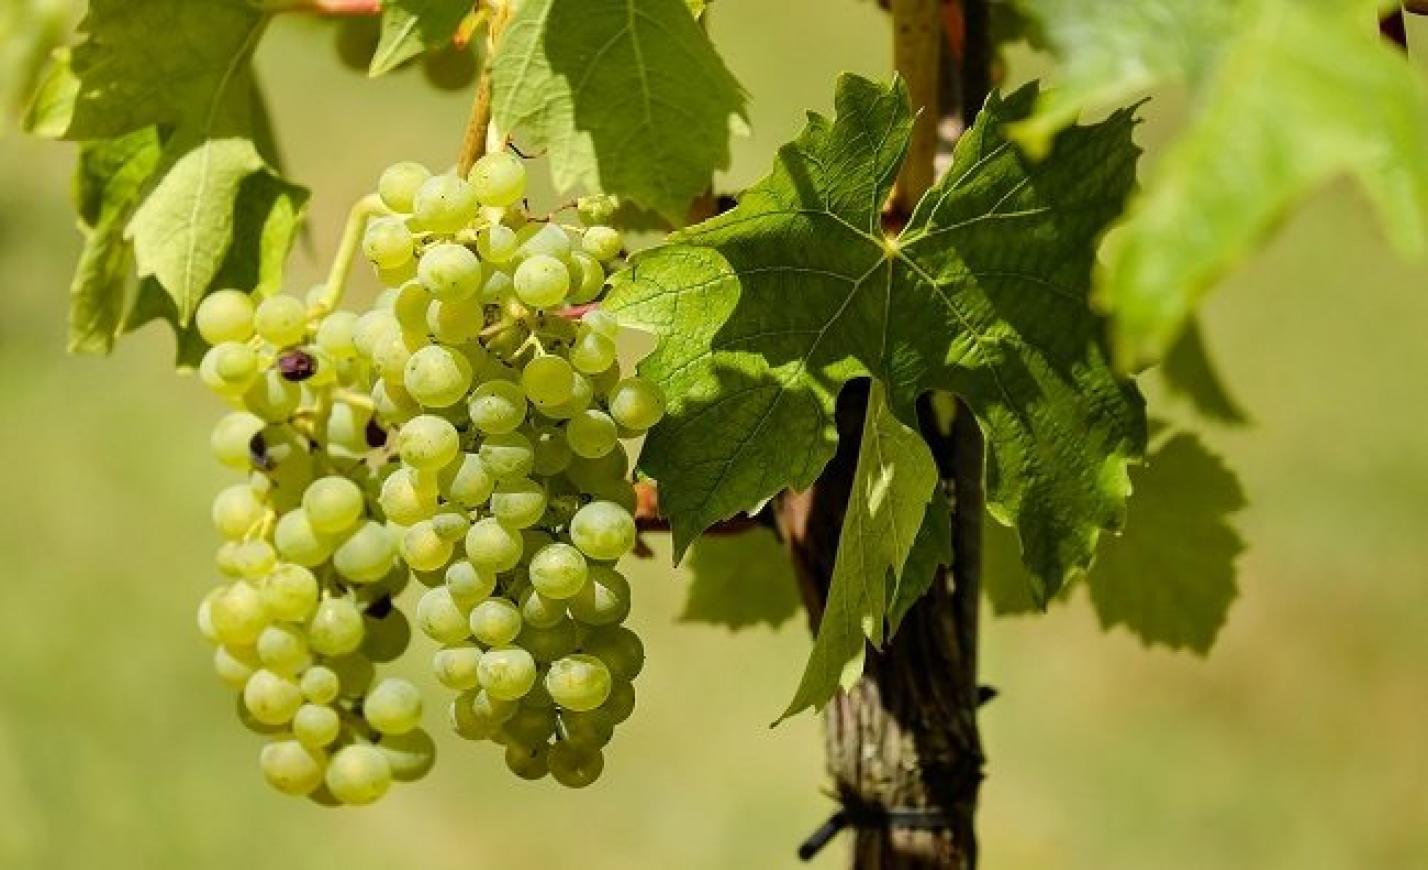 Már a héten indul a szőlőszüret a korai fajtákkal